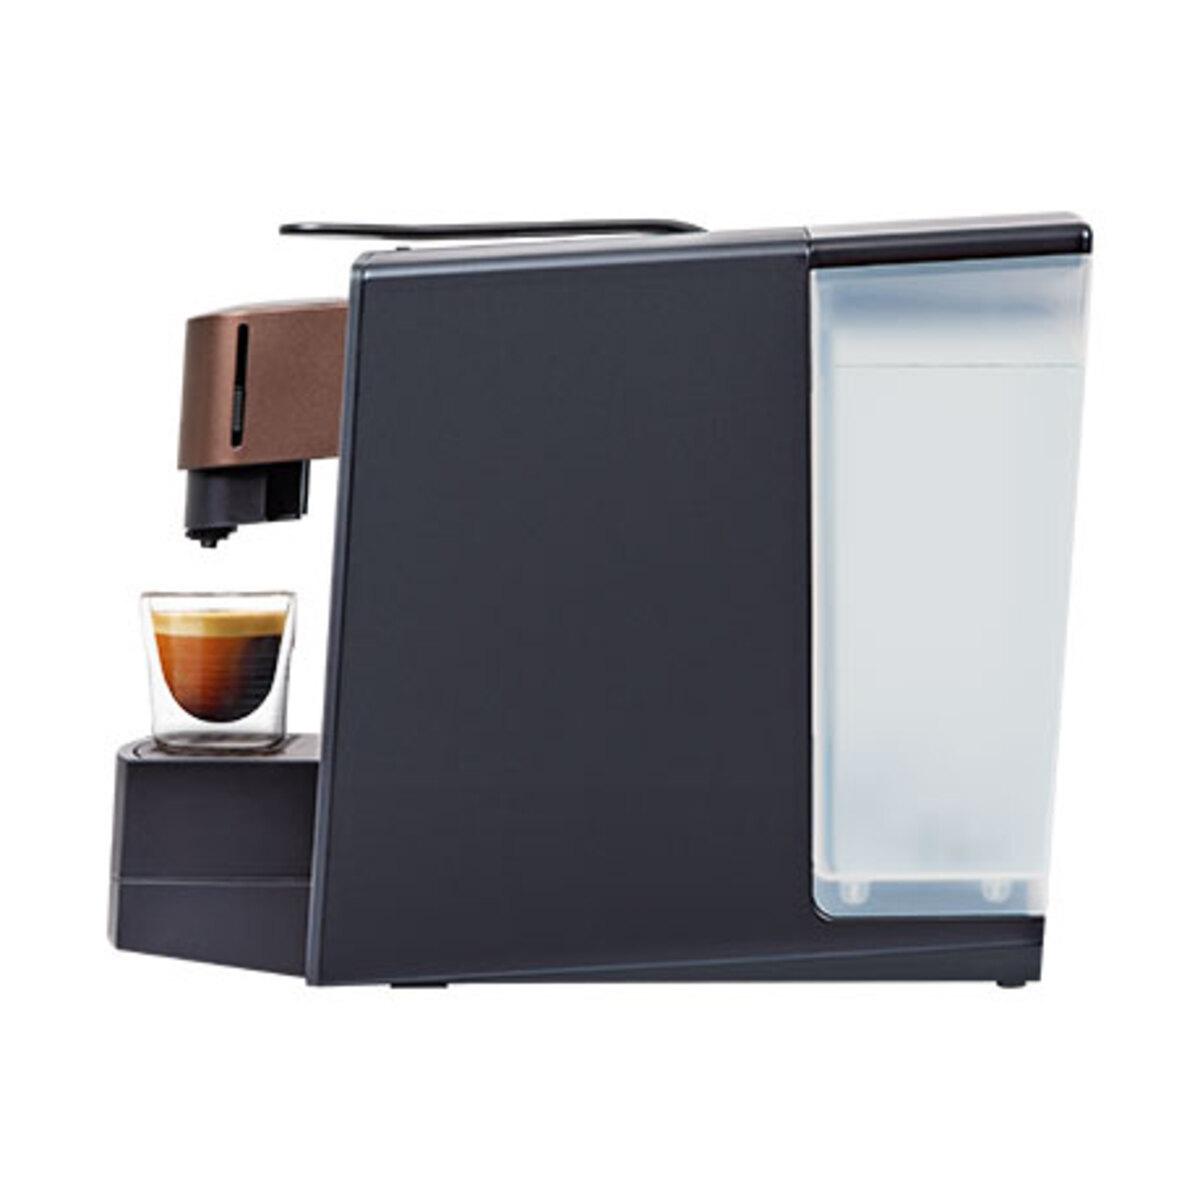 Bild 3 von Set aus Kapselmaschine Grande 585 und 18 Packungen Expressi Kaffee